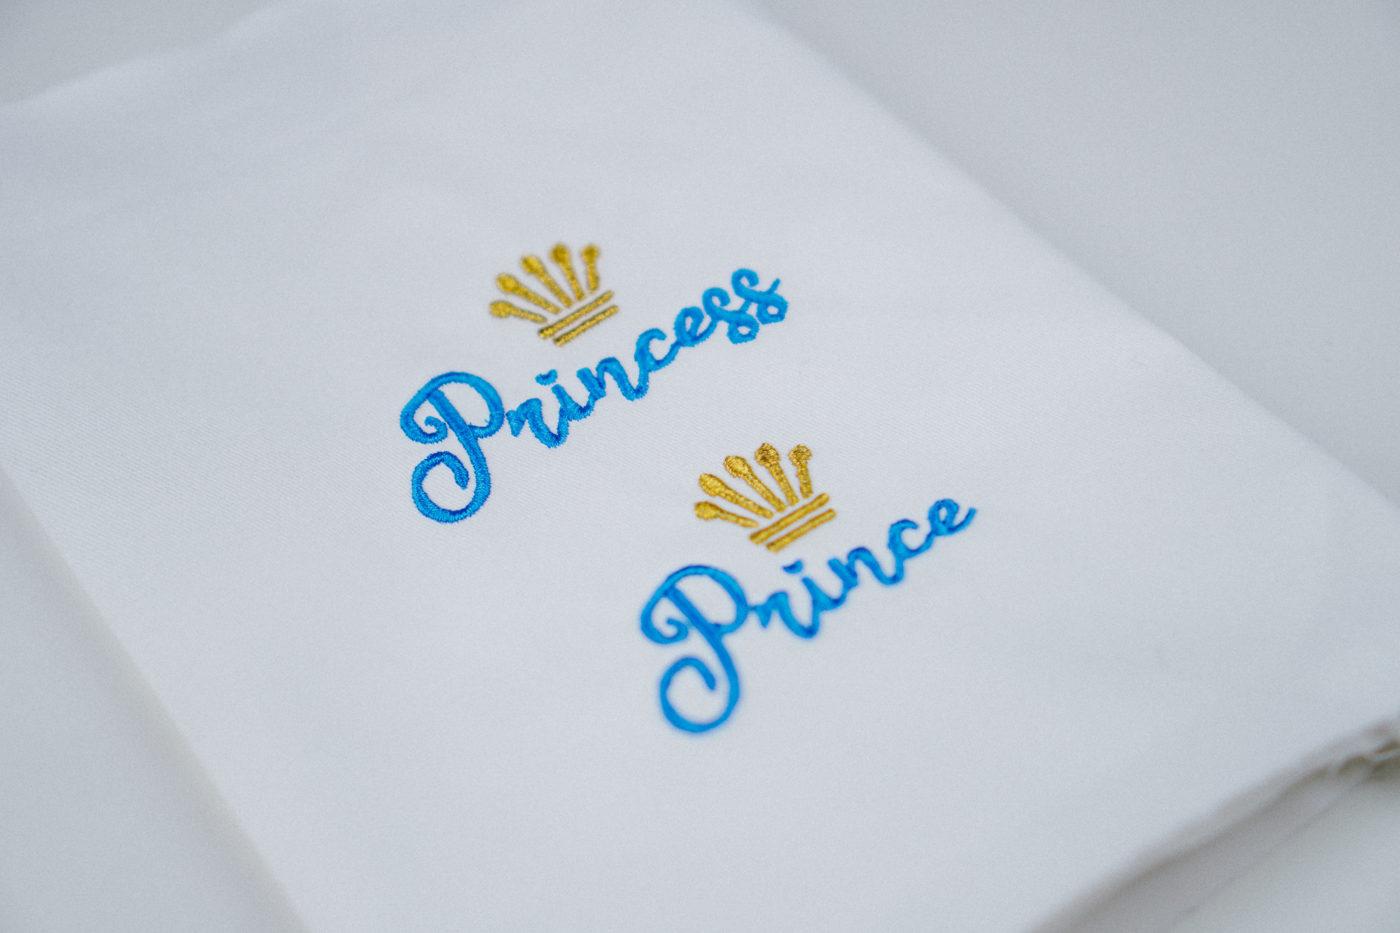 Set Stickdatei Prinzessin [object object] Stickdatei »Princess & Prince« (SET) stickdatei prinzessin prinz 05 1400x933